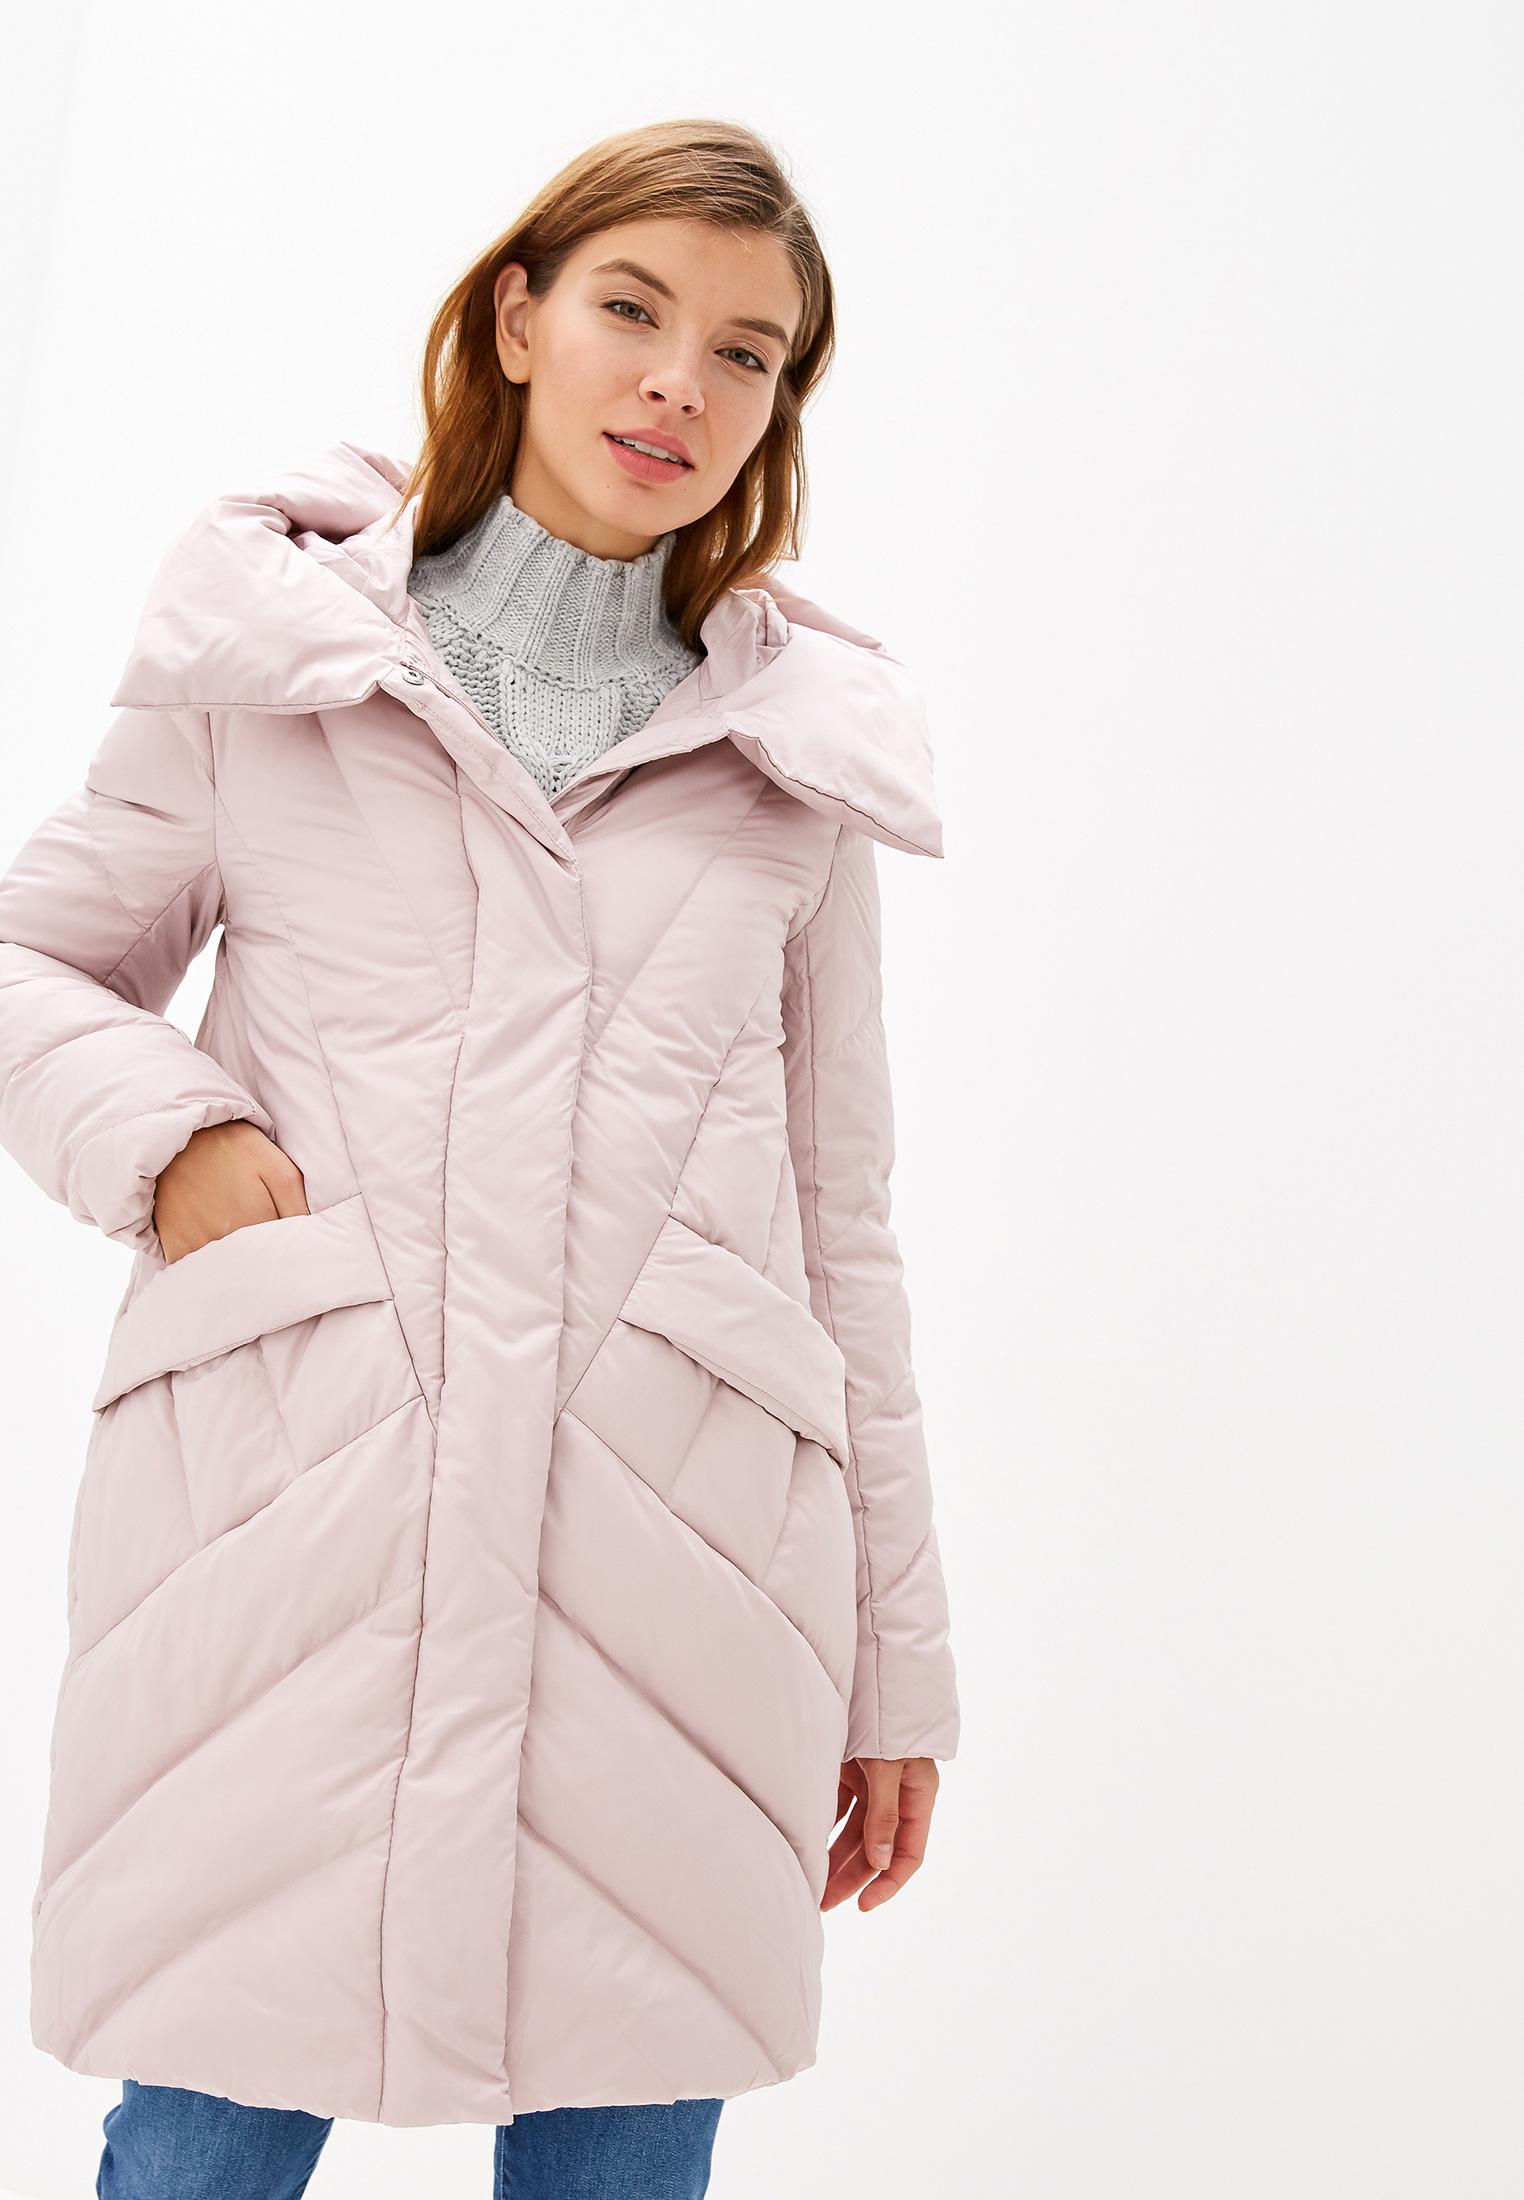 Пуховик, Savage, цвет: розовый. Артикул: SA004EWGESA4. Одежда / Верхняя одежда / Пуховики и зимние куртки